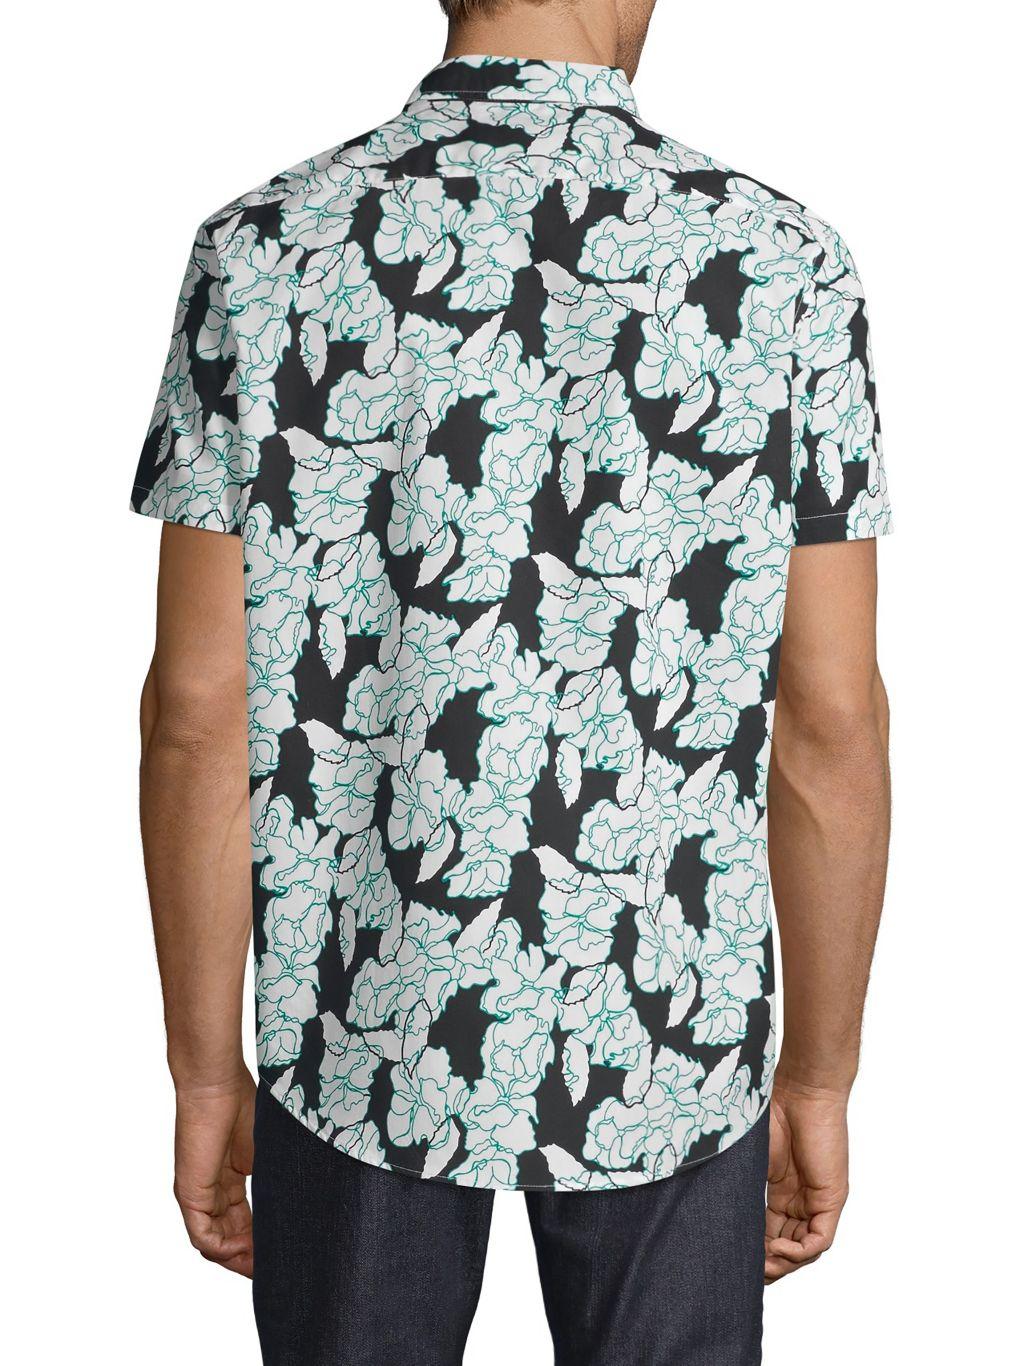 Michael Kors Frye Classic-Fit Floral Cotton Shirt